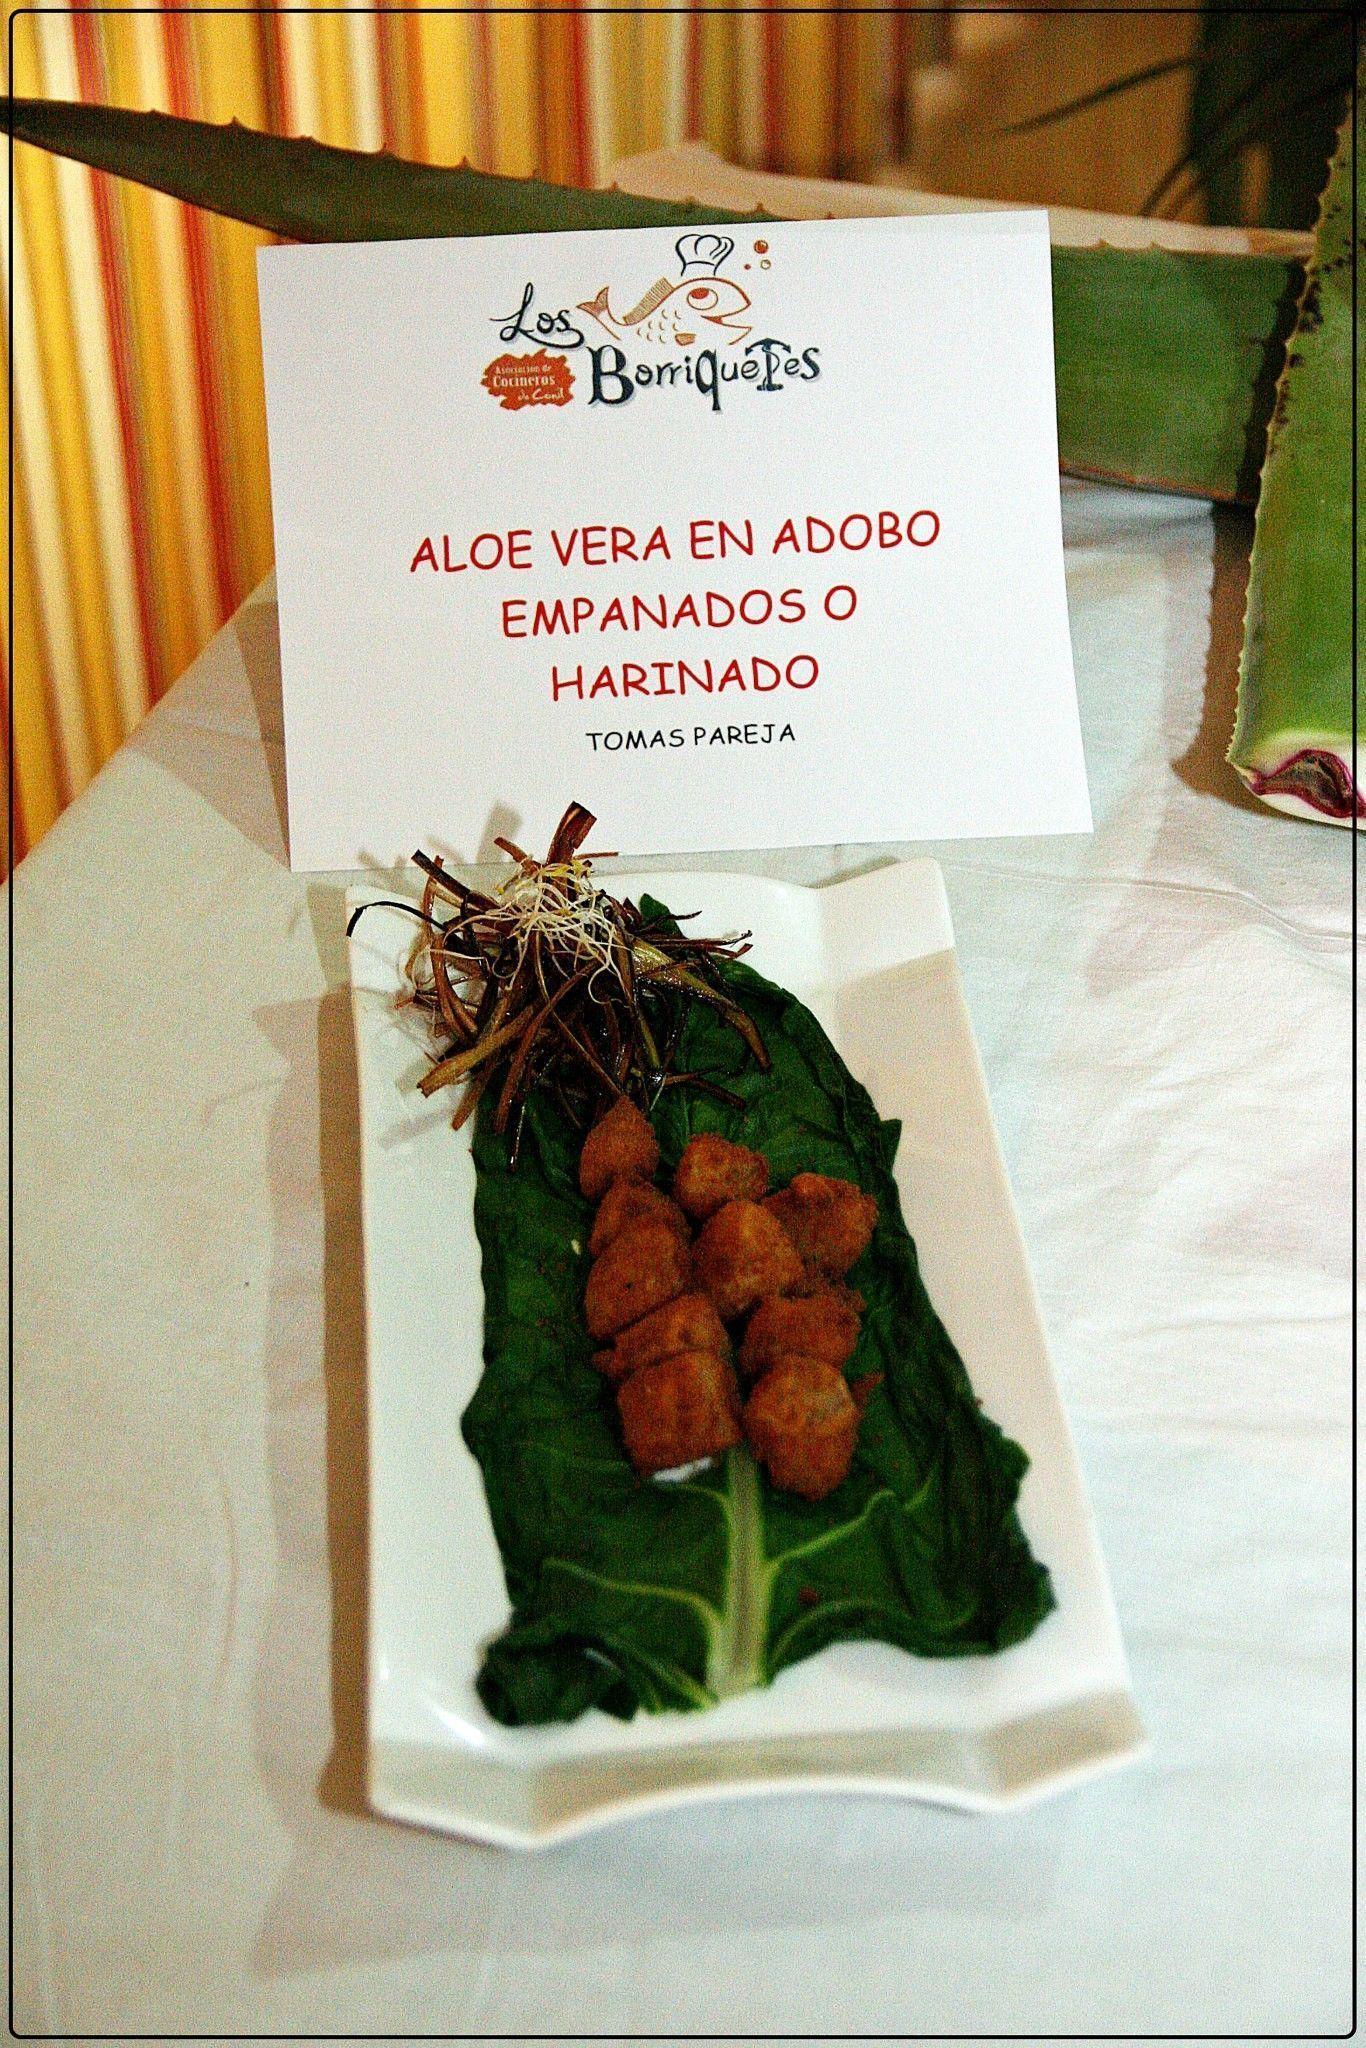 Aloe vera en adobo